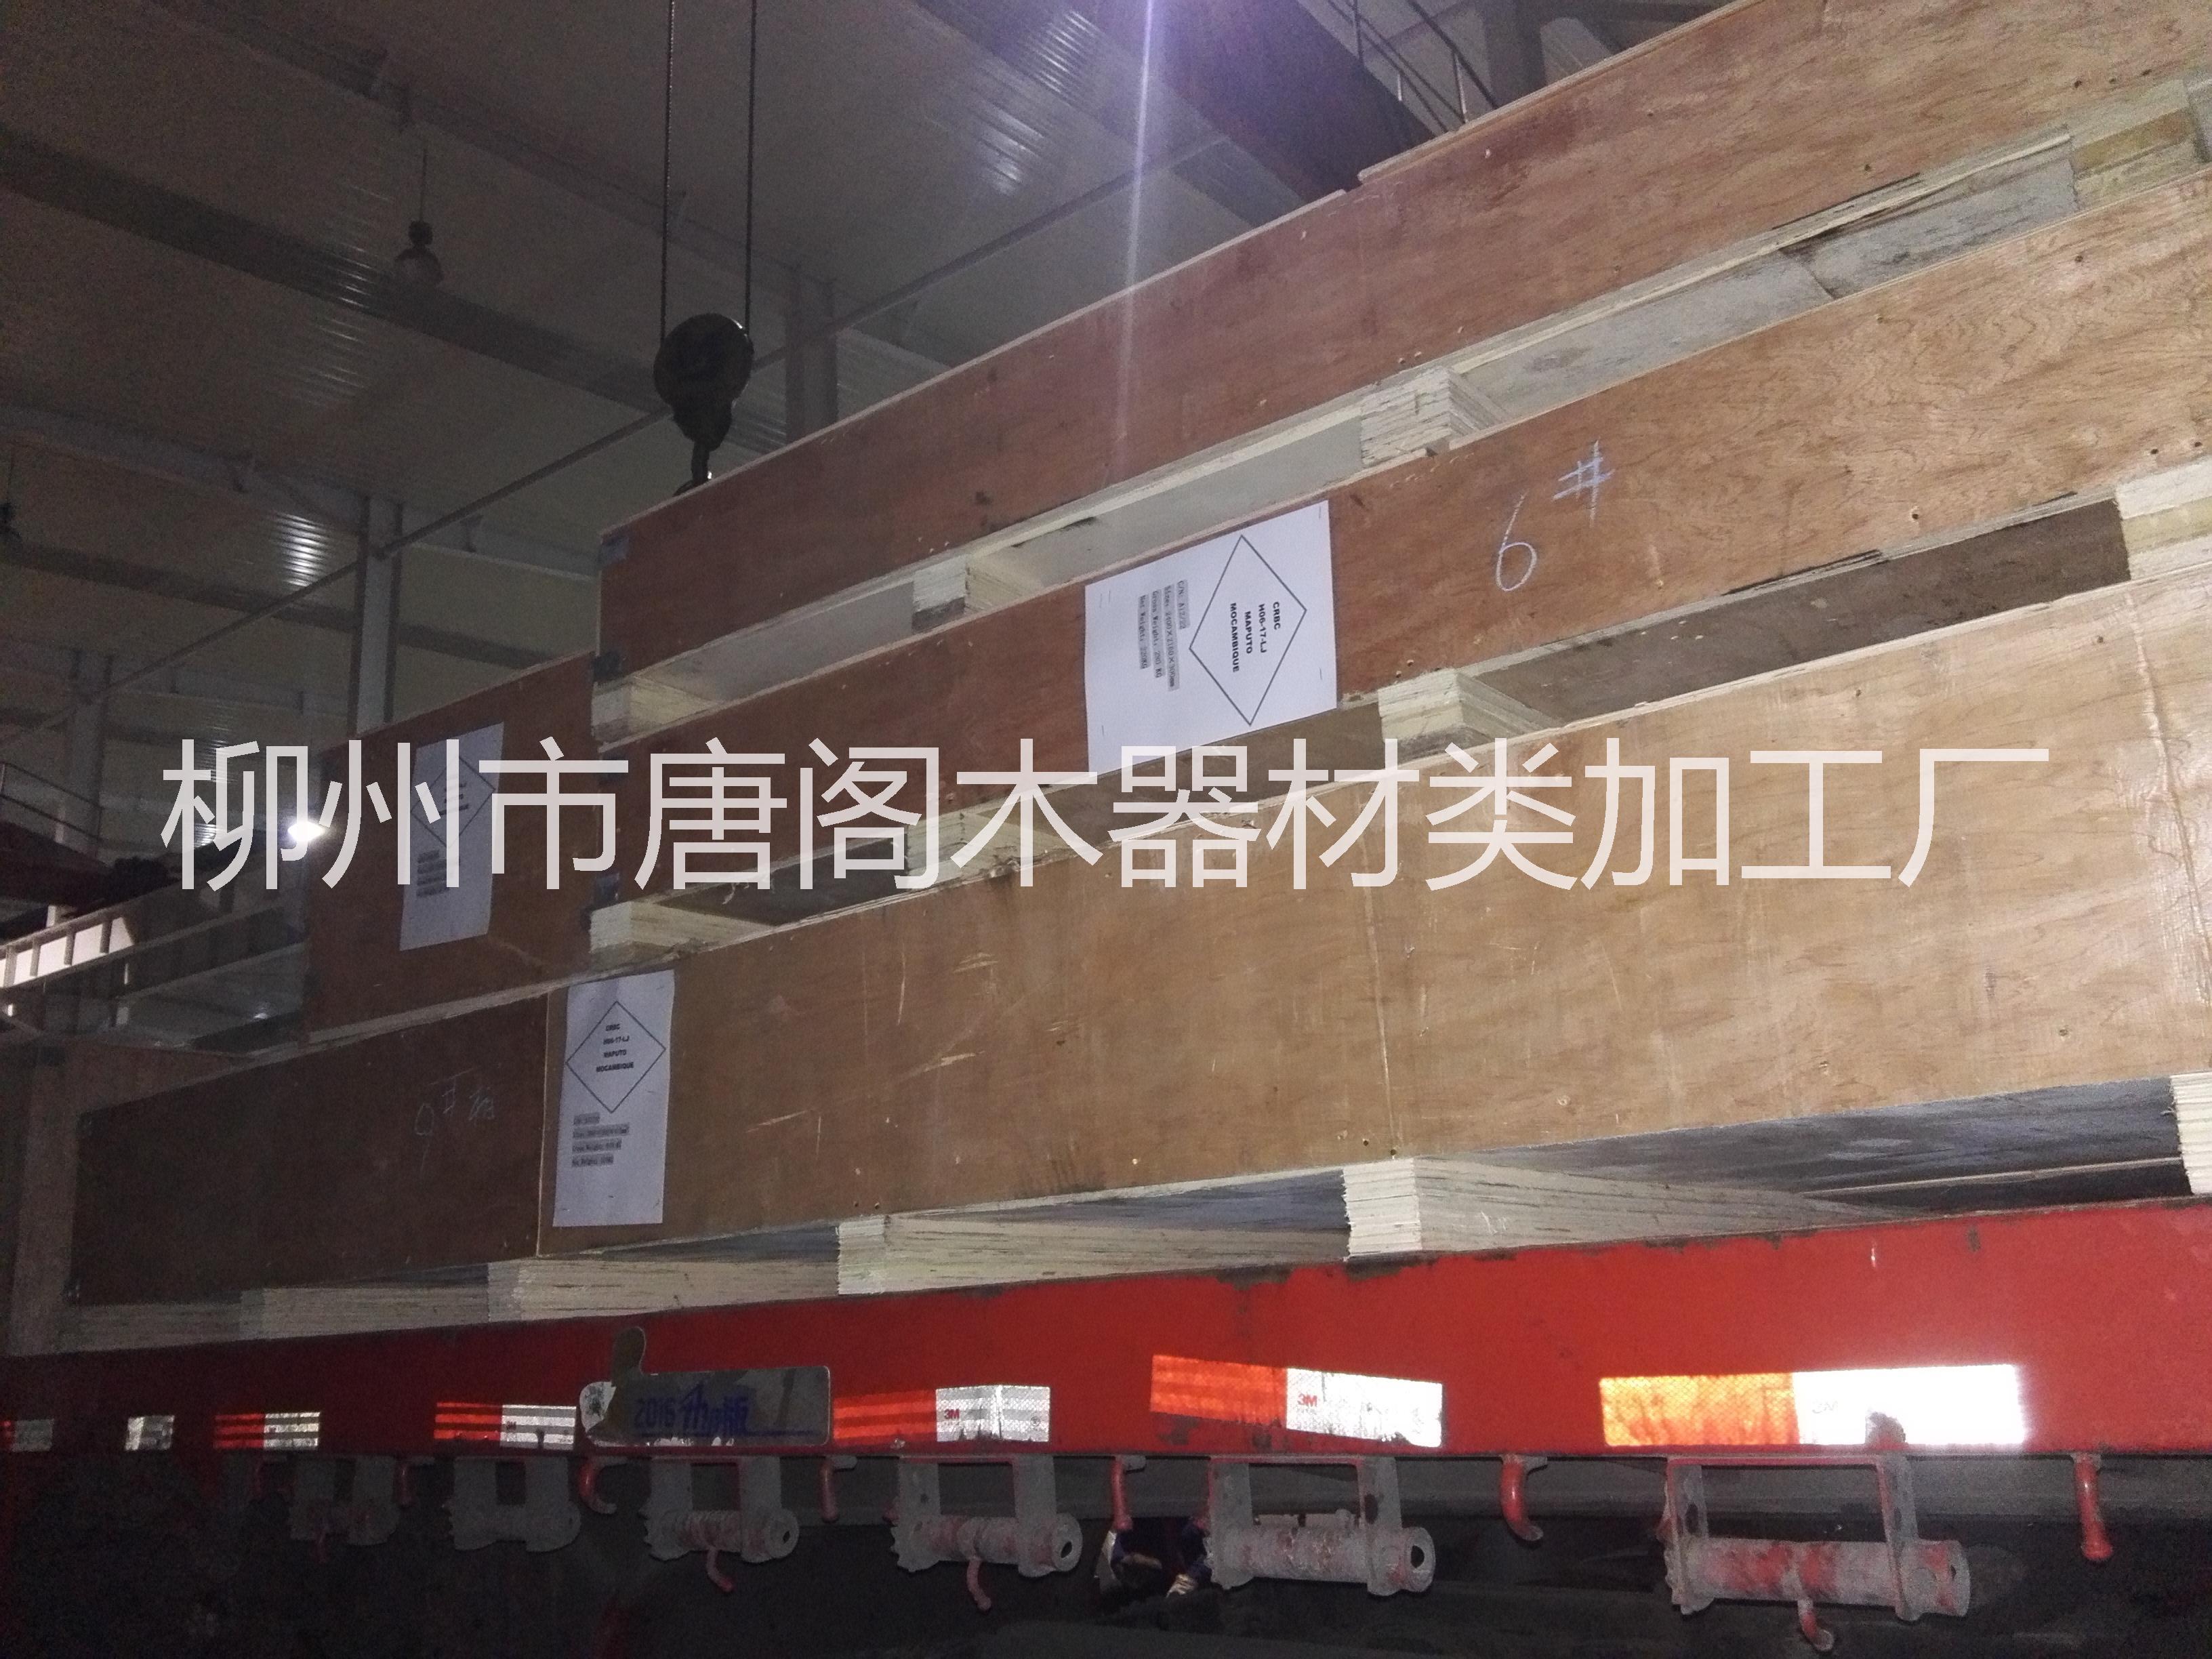 柳州欧维姆出口箱厂家   广西欧维姆出口箱价格    柳州欧维姆出口箱   木箱供应商